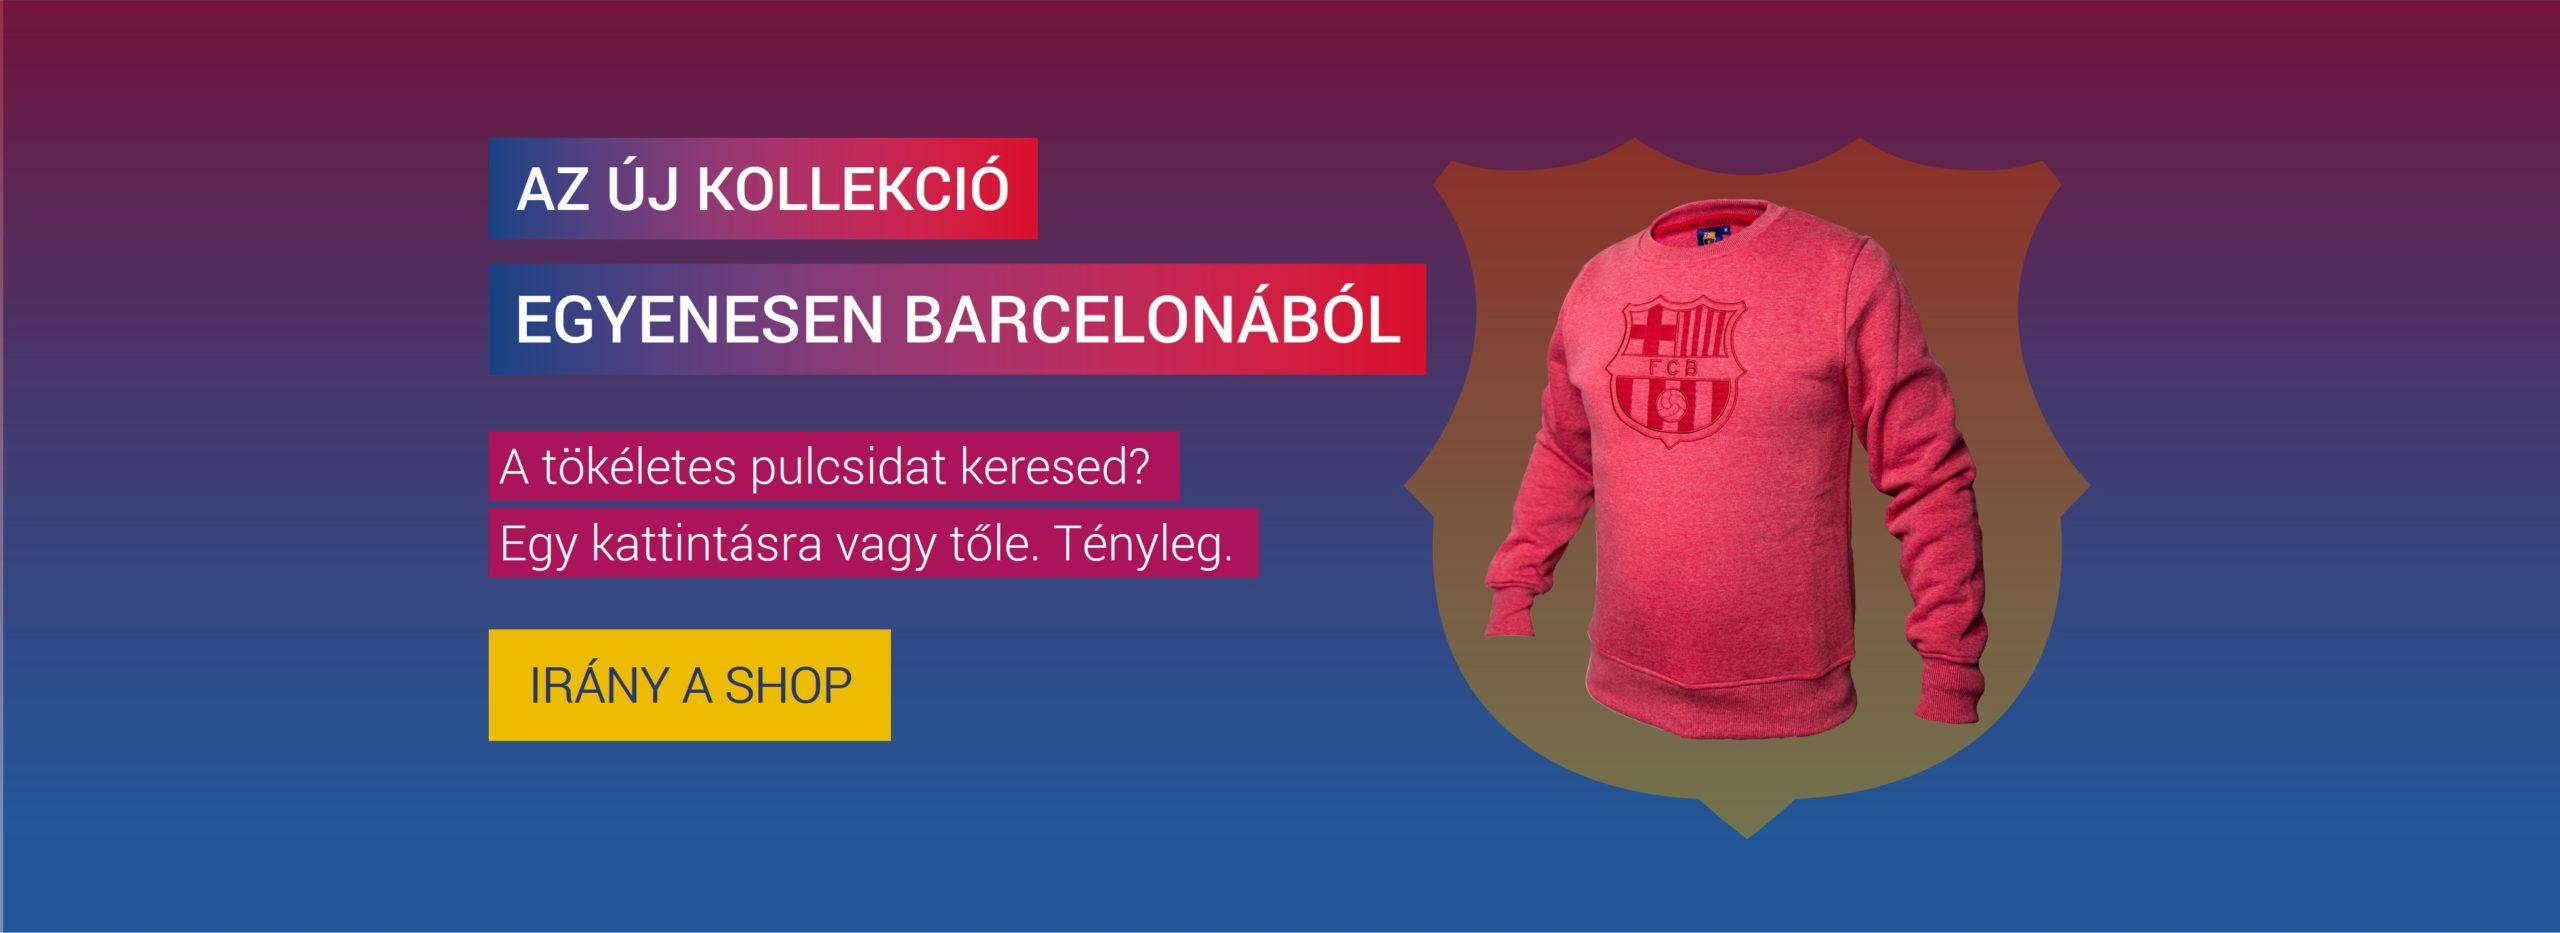 barcelona maszk pulóver új kollekció